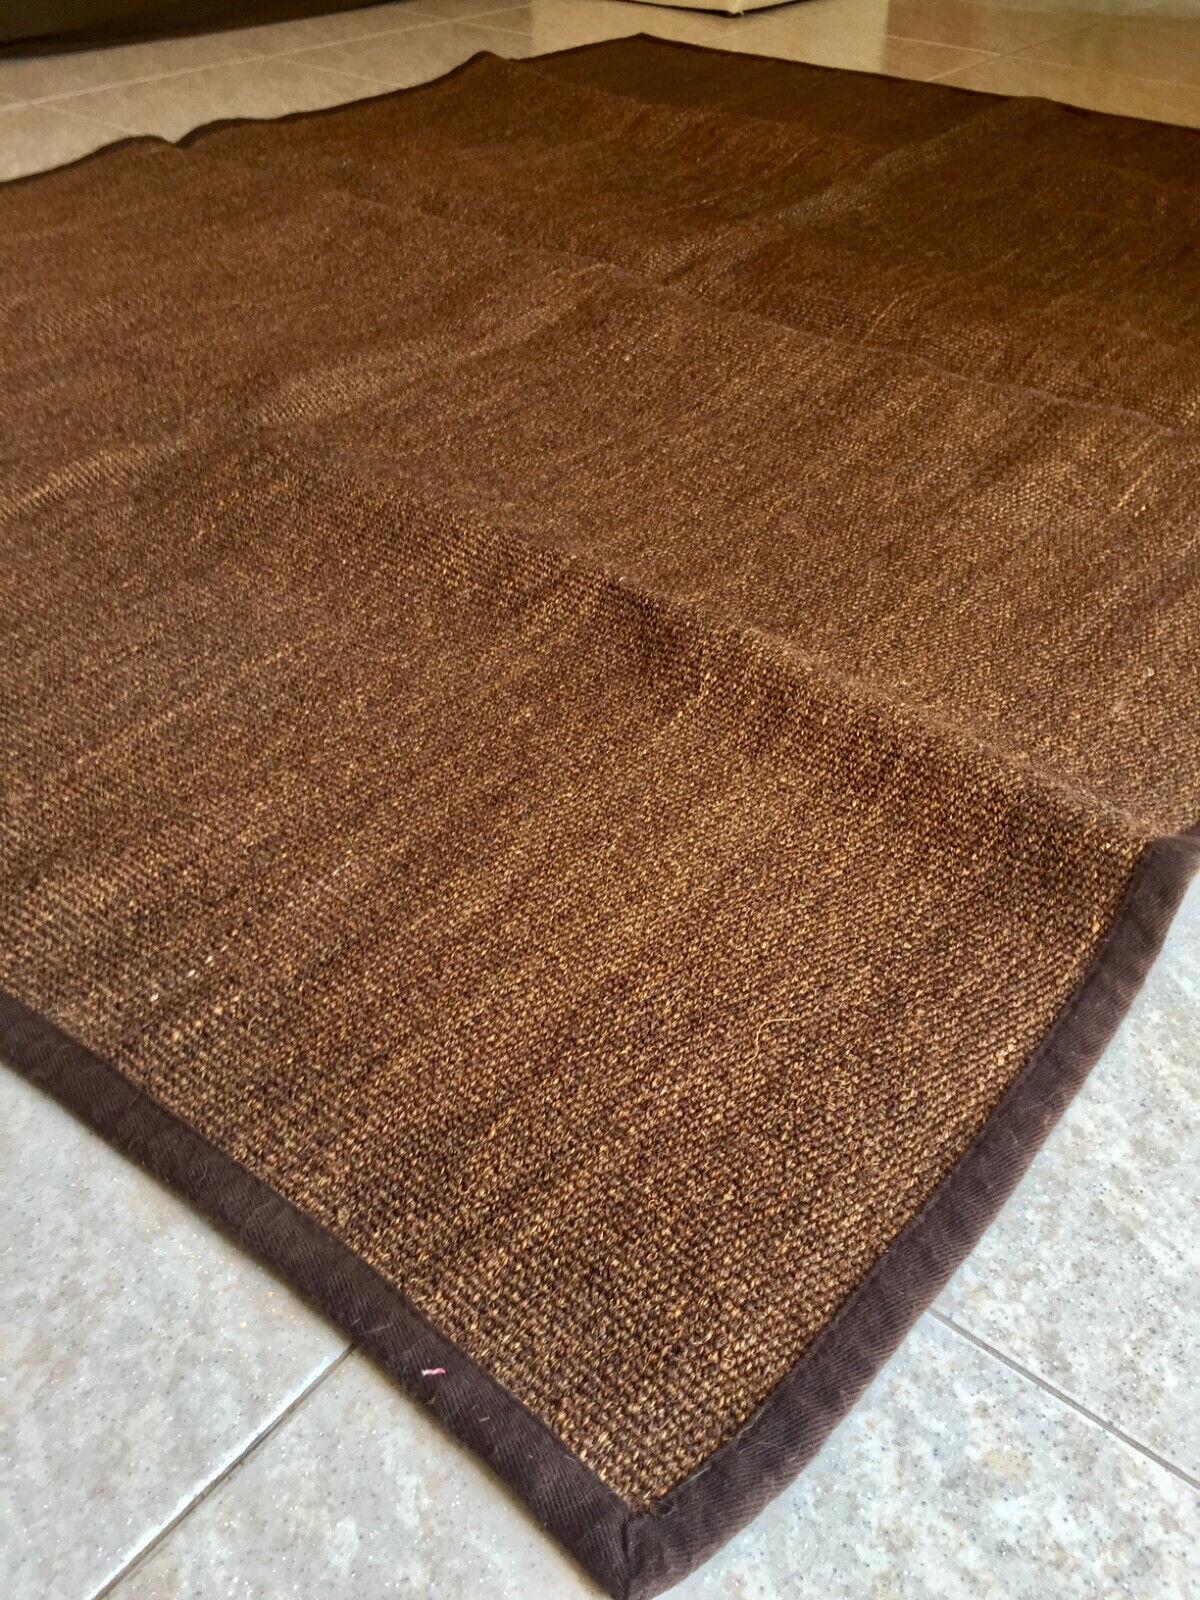 Tappeto, tessuto intrecciato piatto, Marroneee, 255 x 212 cm